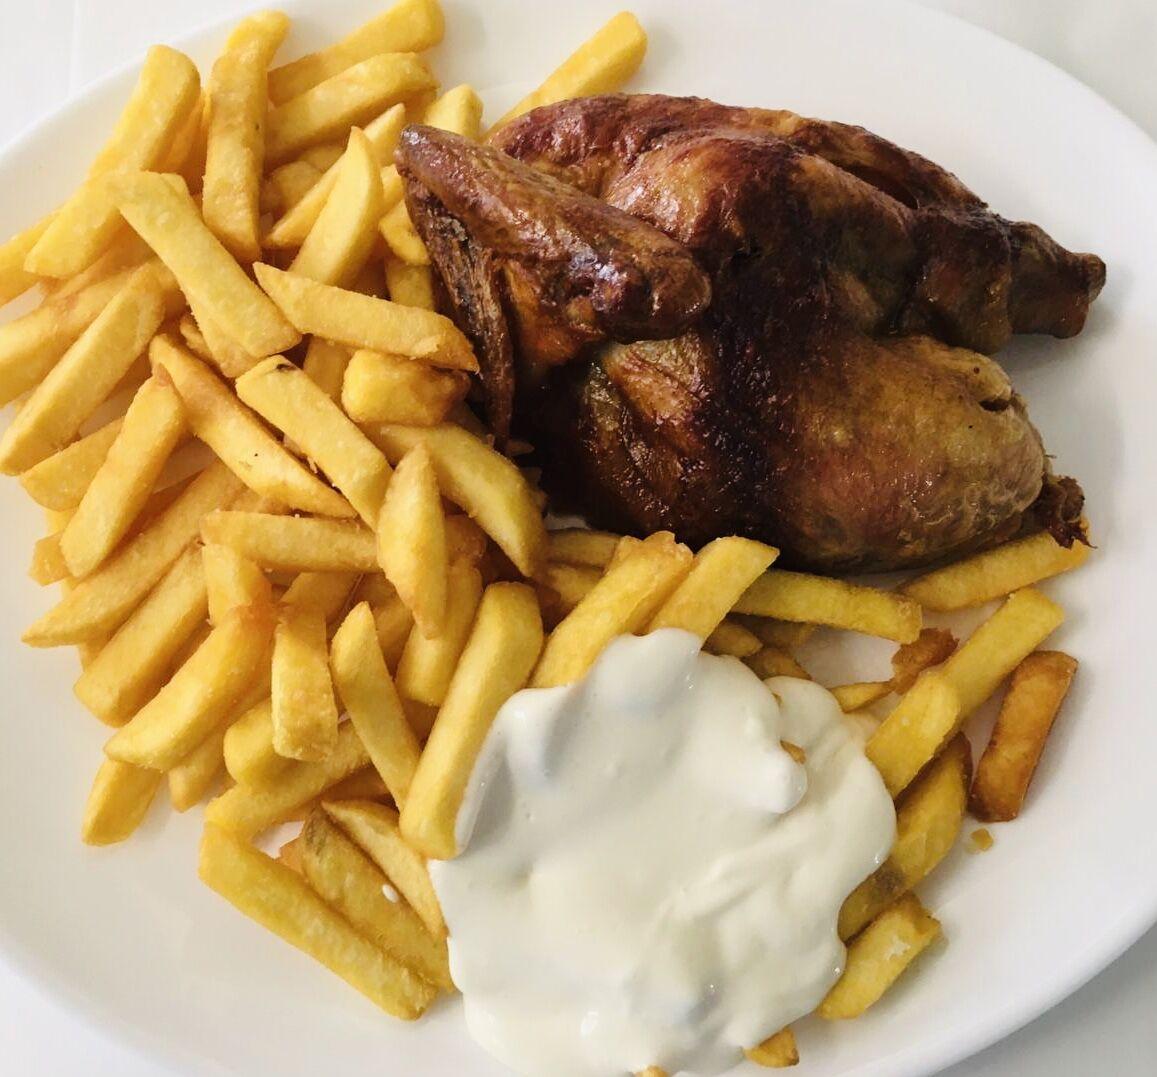 - Knuspriges 1/2 Hähnchen frisch aus dem Grill, mit Pommes & Mayo -